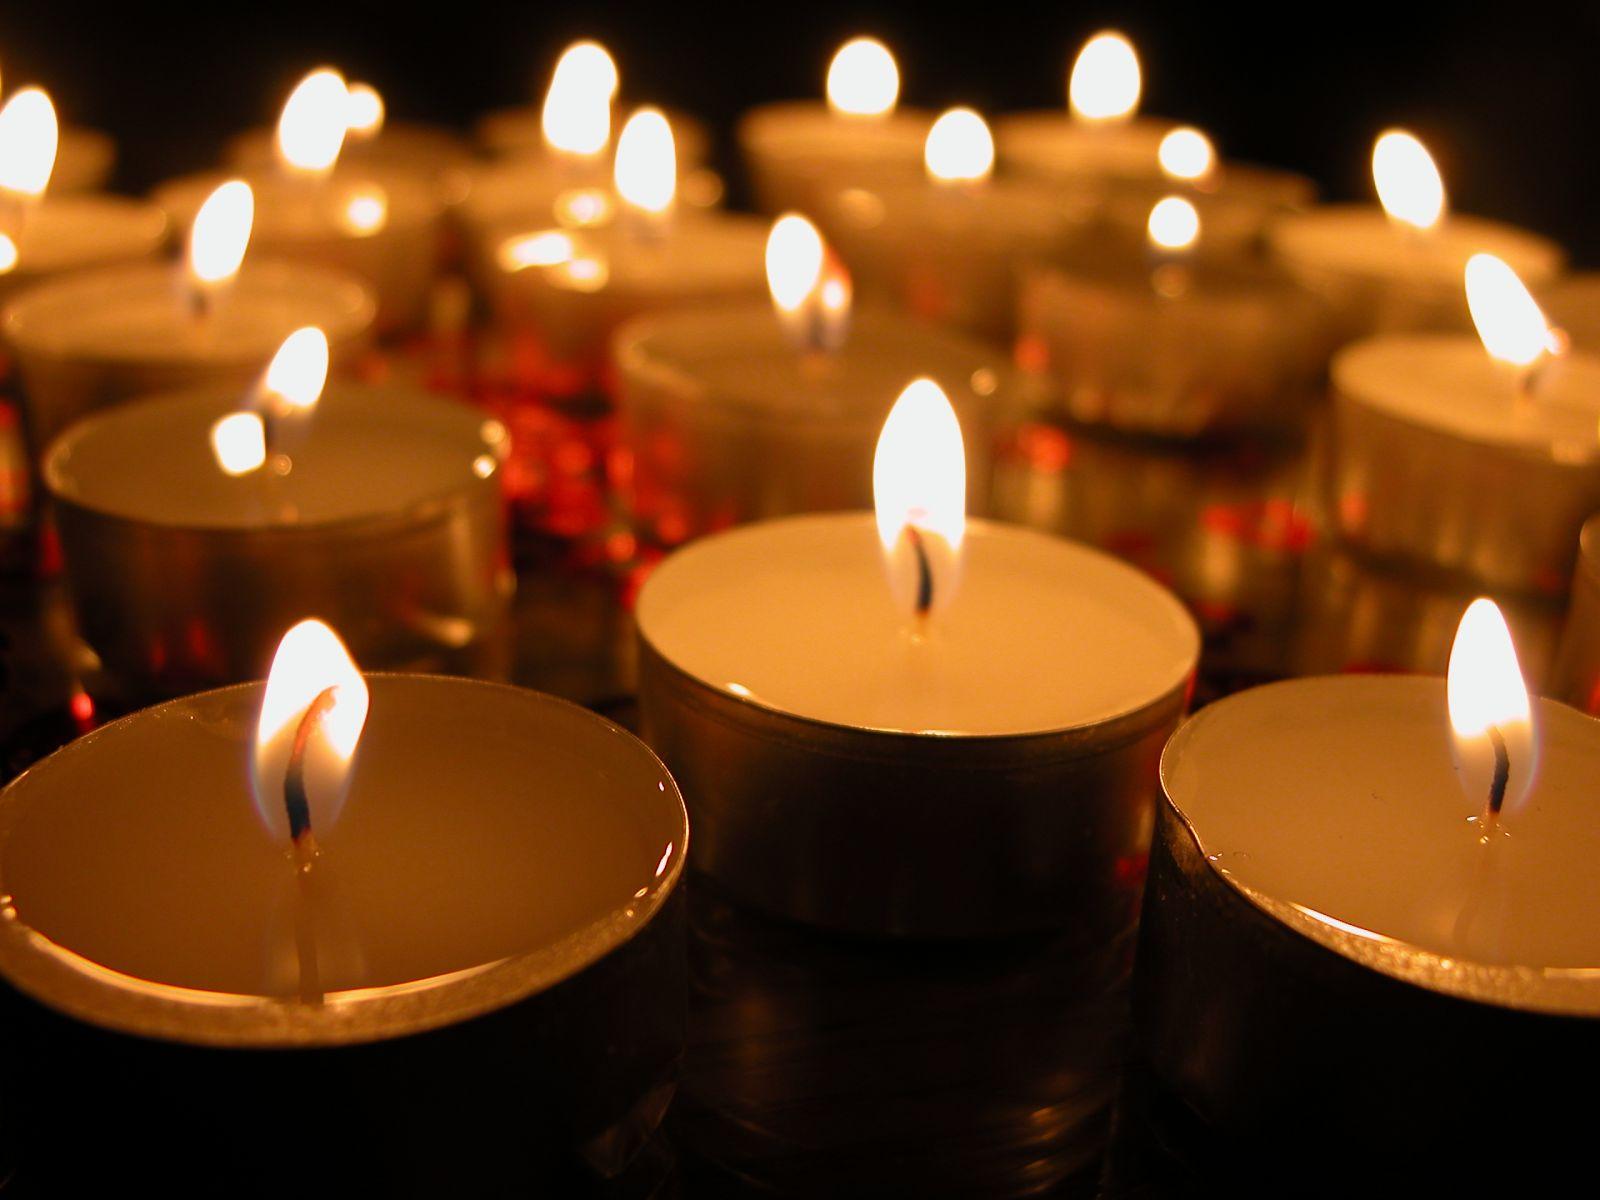 El juego de las velas